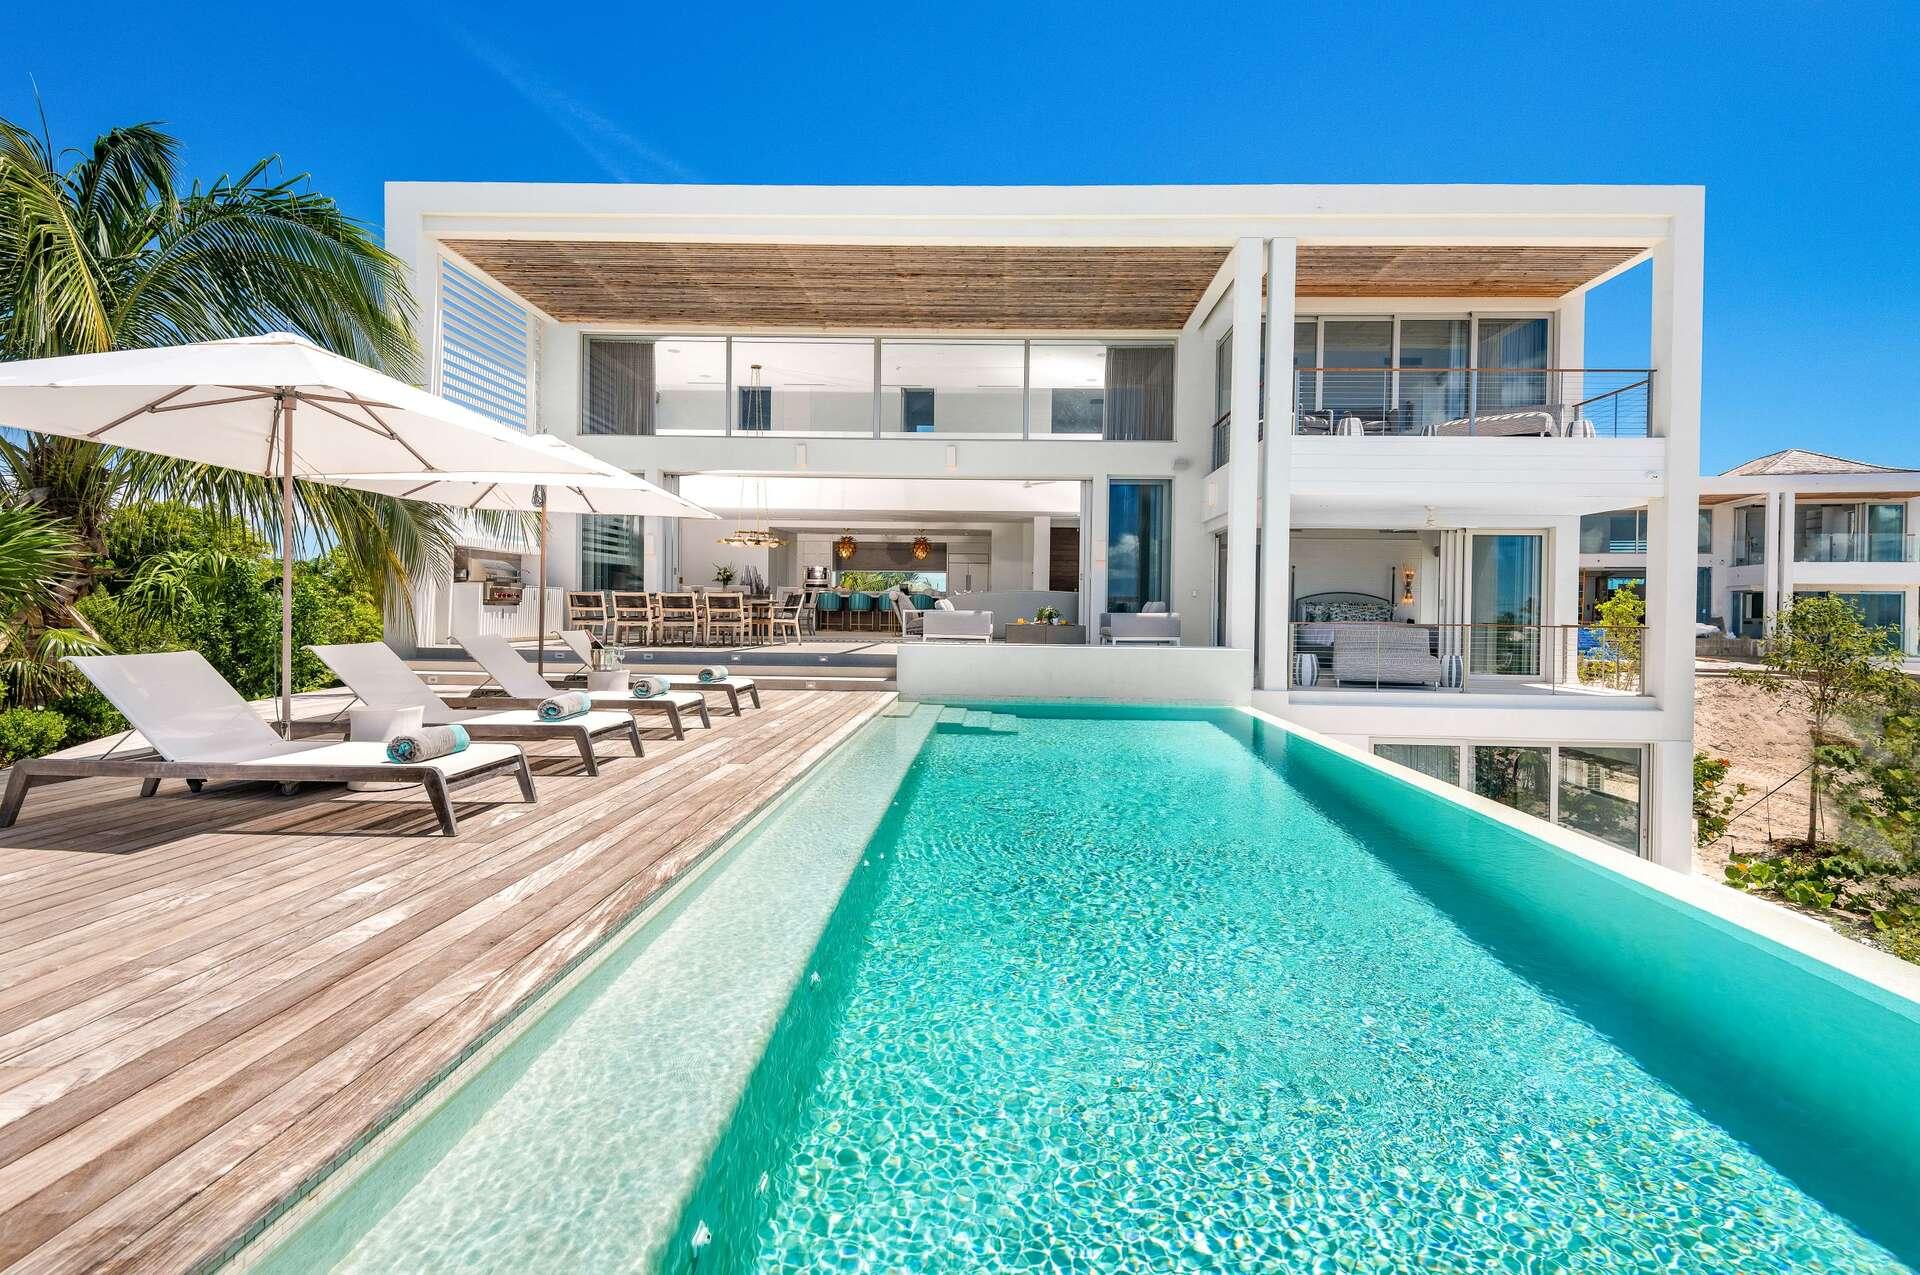 Luxury villa rentals caribbean - Turks and caicos - Providenciales - Beach enclave grace bay - Six Bedroom Premium Ocean View - Image 1/47